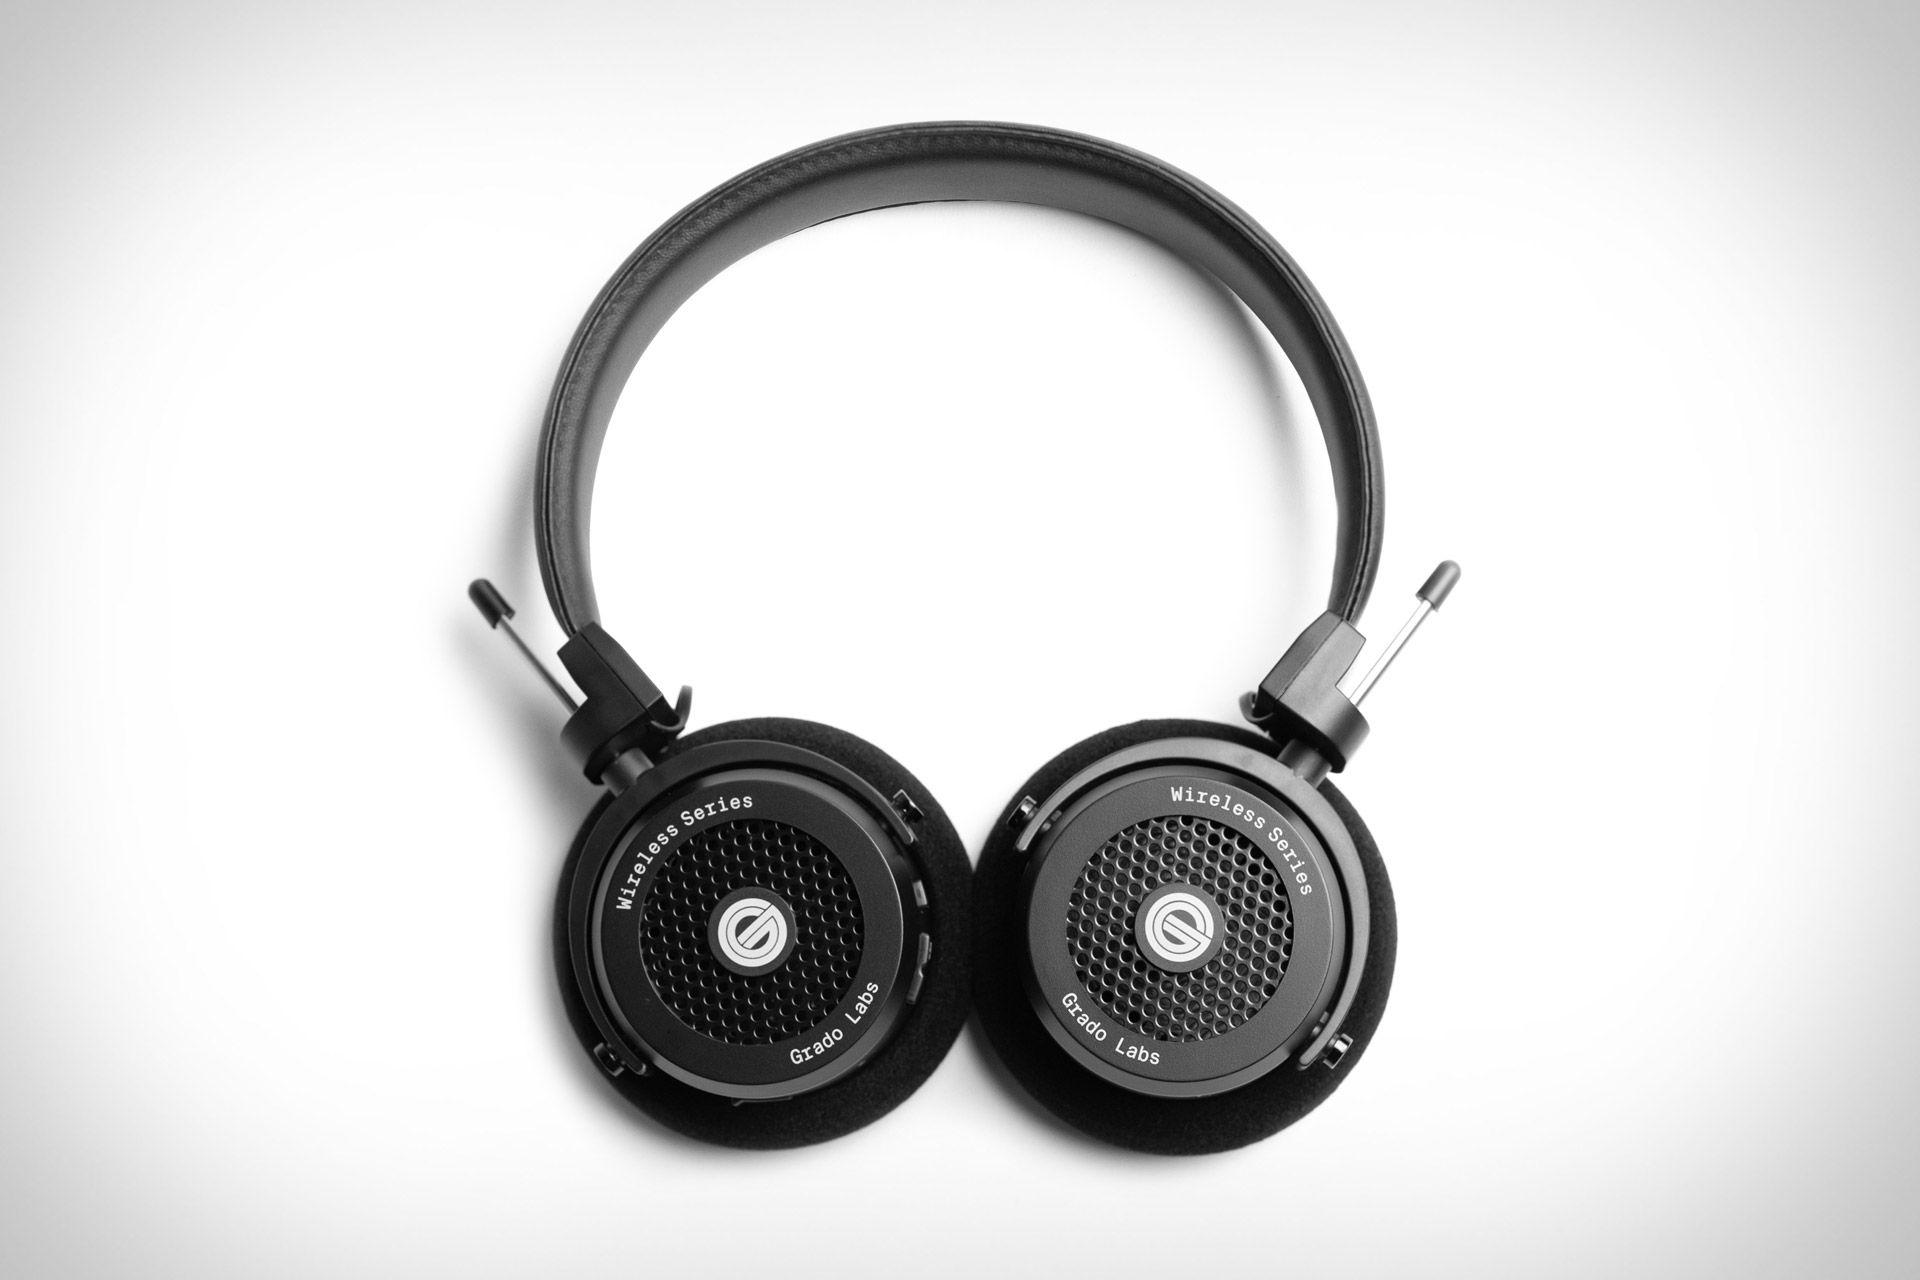 1f0de08b8e9 Grado Wireless Headphones in 2019 | Audio Video Disko | Wireless ...